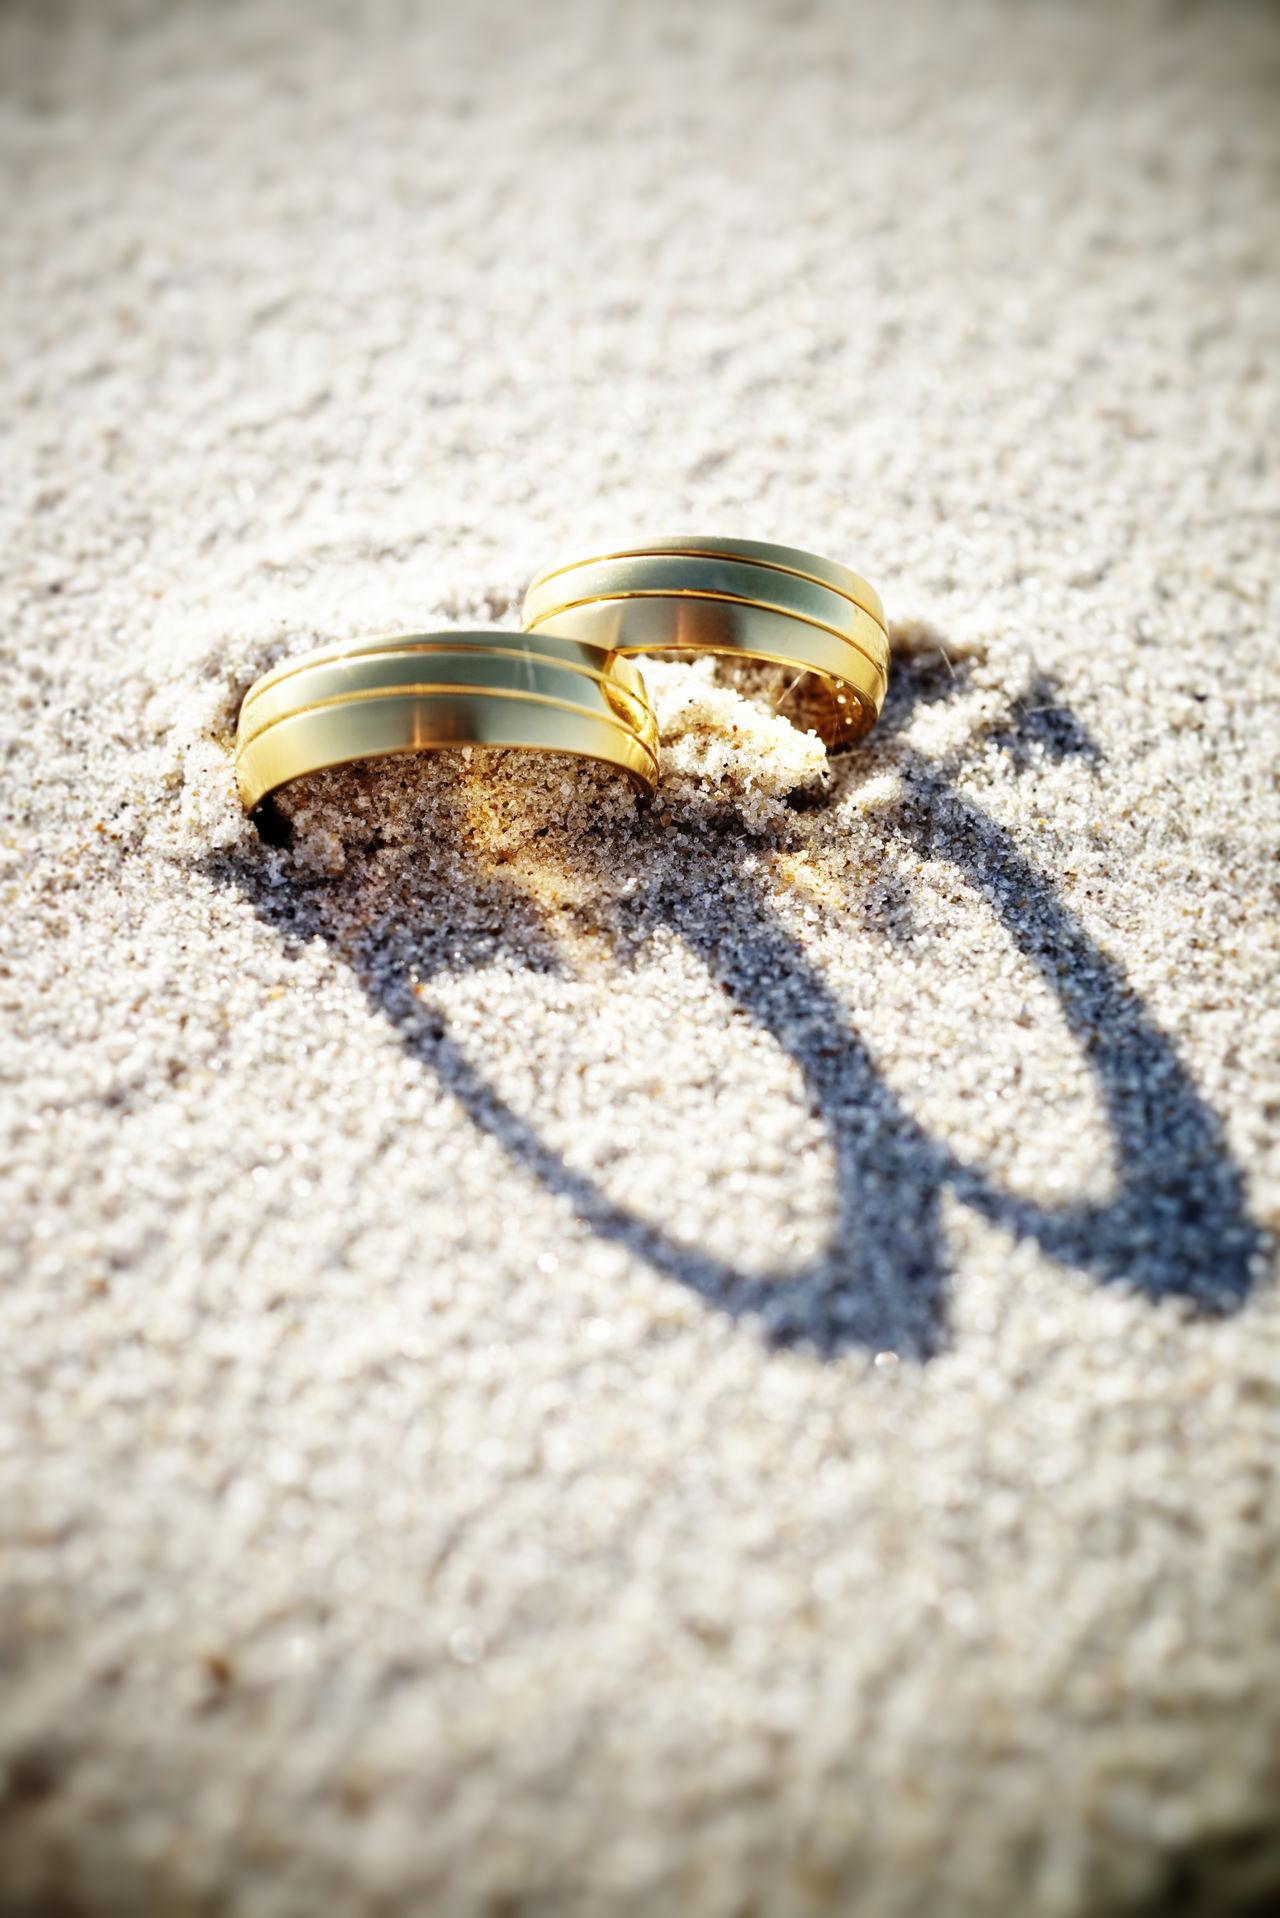 Beach Wedding rings Wedding EyeEm Bestsellers